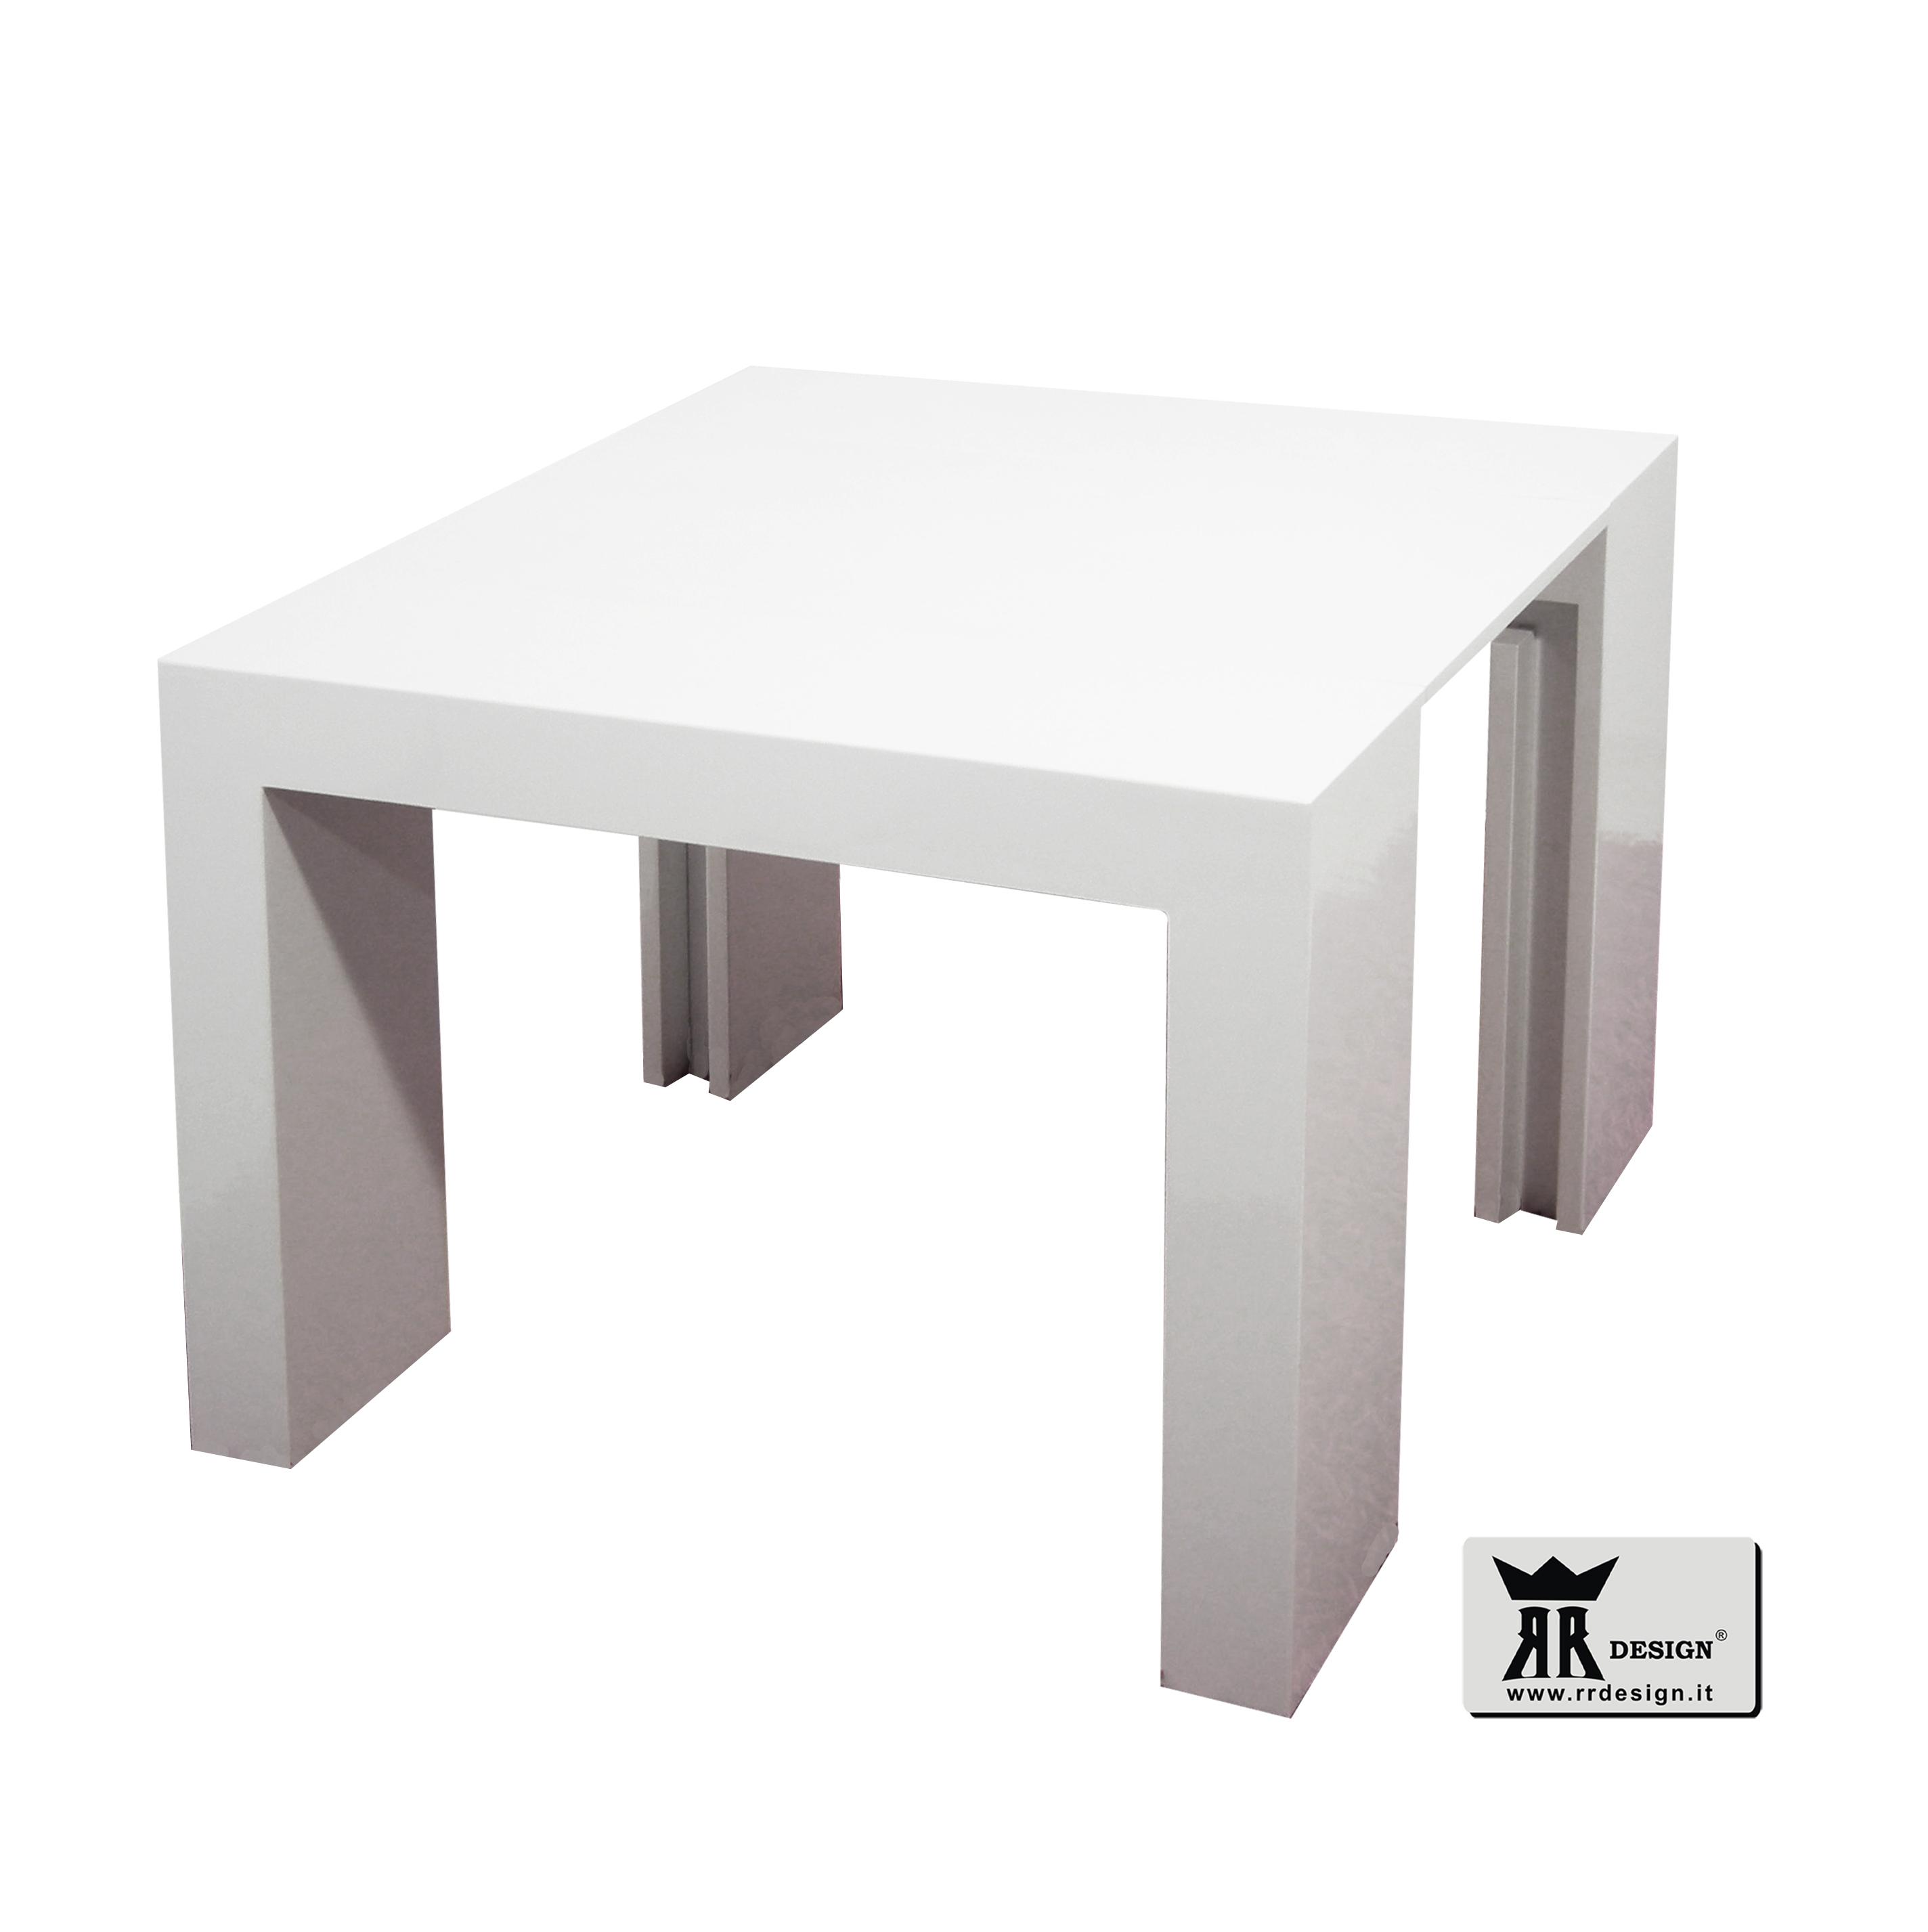 Tavolo Consolle Allungabile Nero.Tavolo Consolle Allungabile Laccato Nero Lucido 3 Metri 45x95